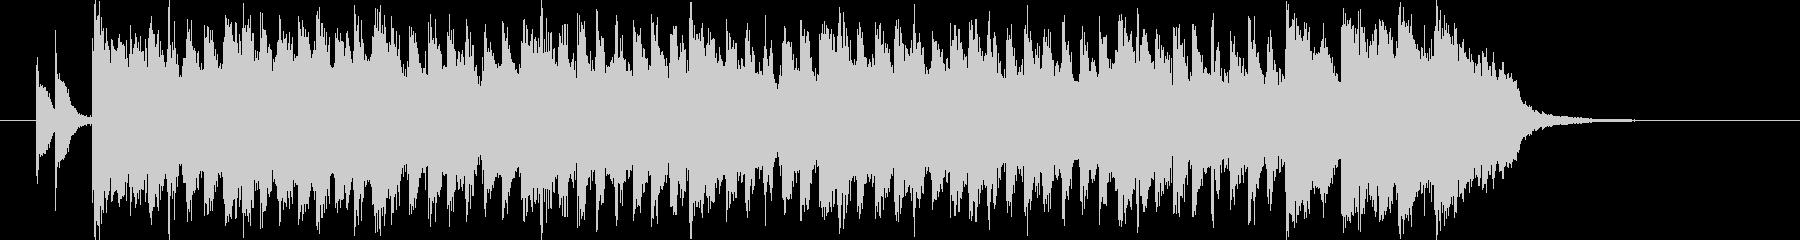 清々しく鉄琴が印象的なBGMの未再生の波形